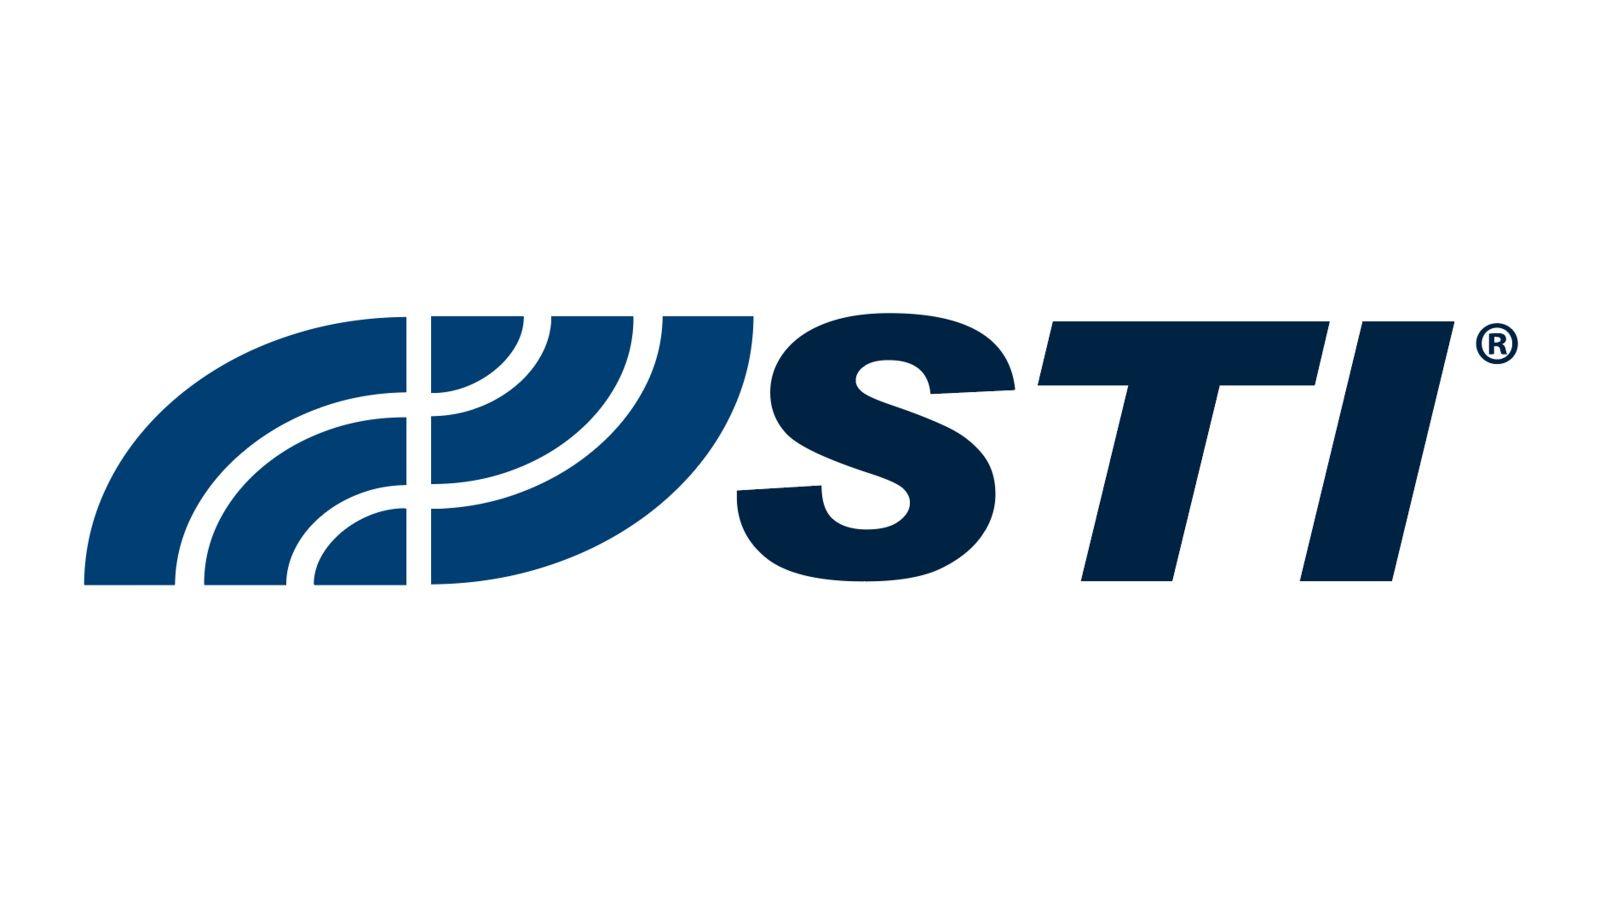 Logo of STI company